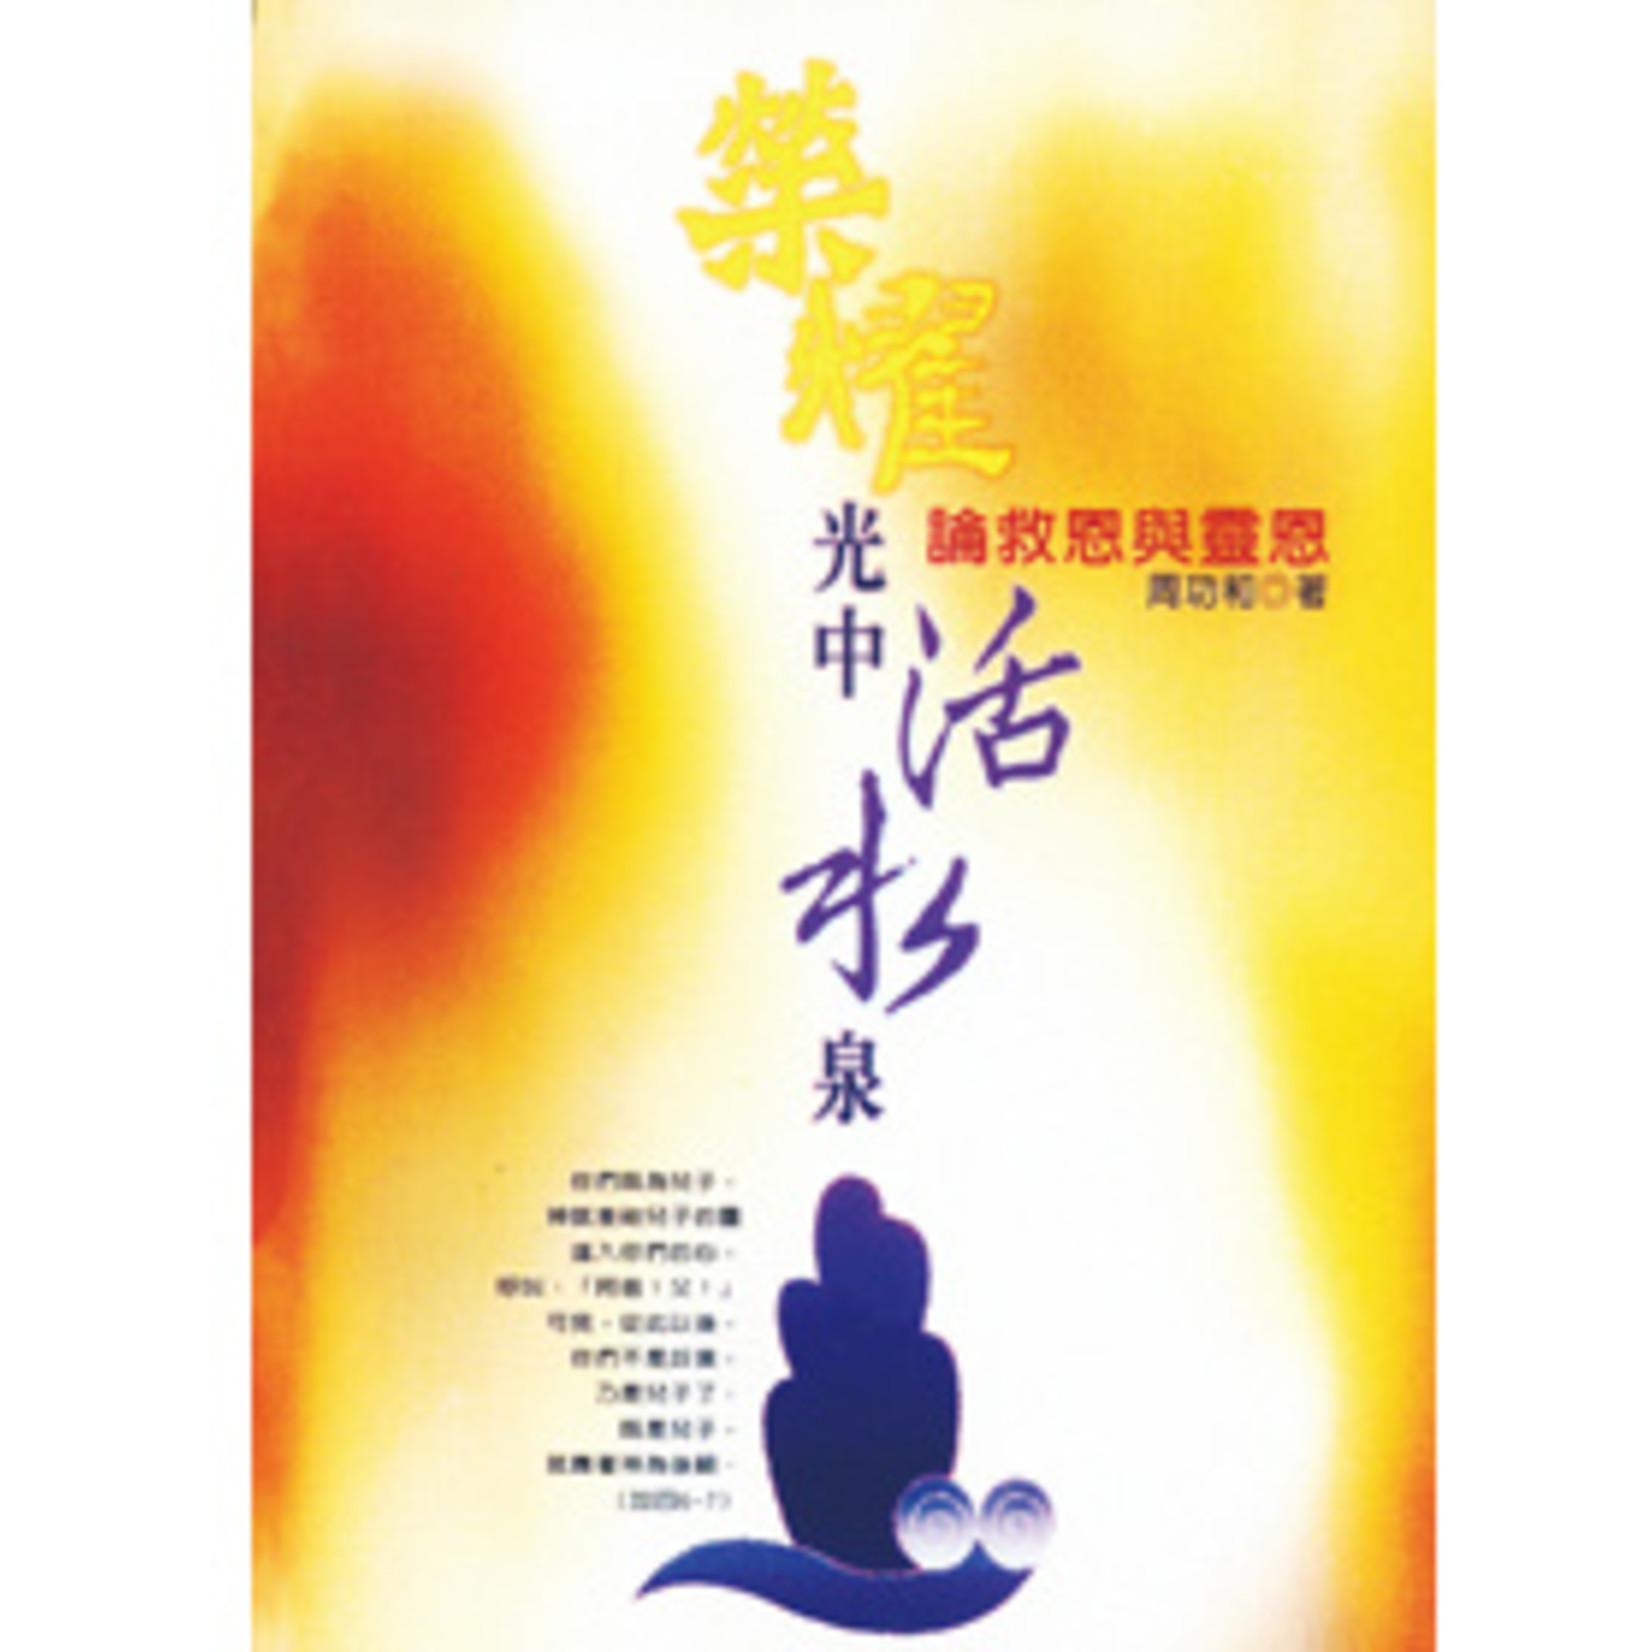 中華福音神學院 China Evangelical Seminary 榮耀光中活水泉:論救恩與靈恩